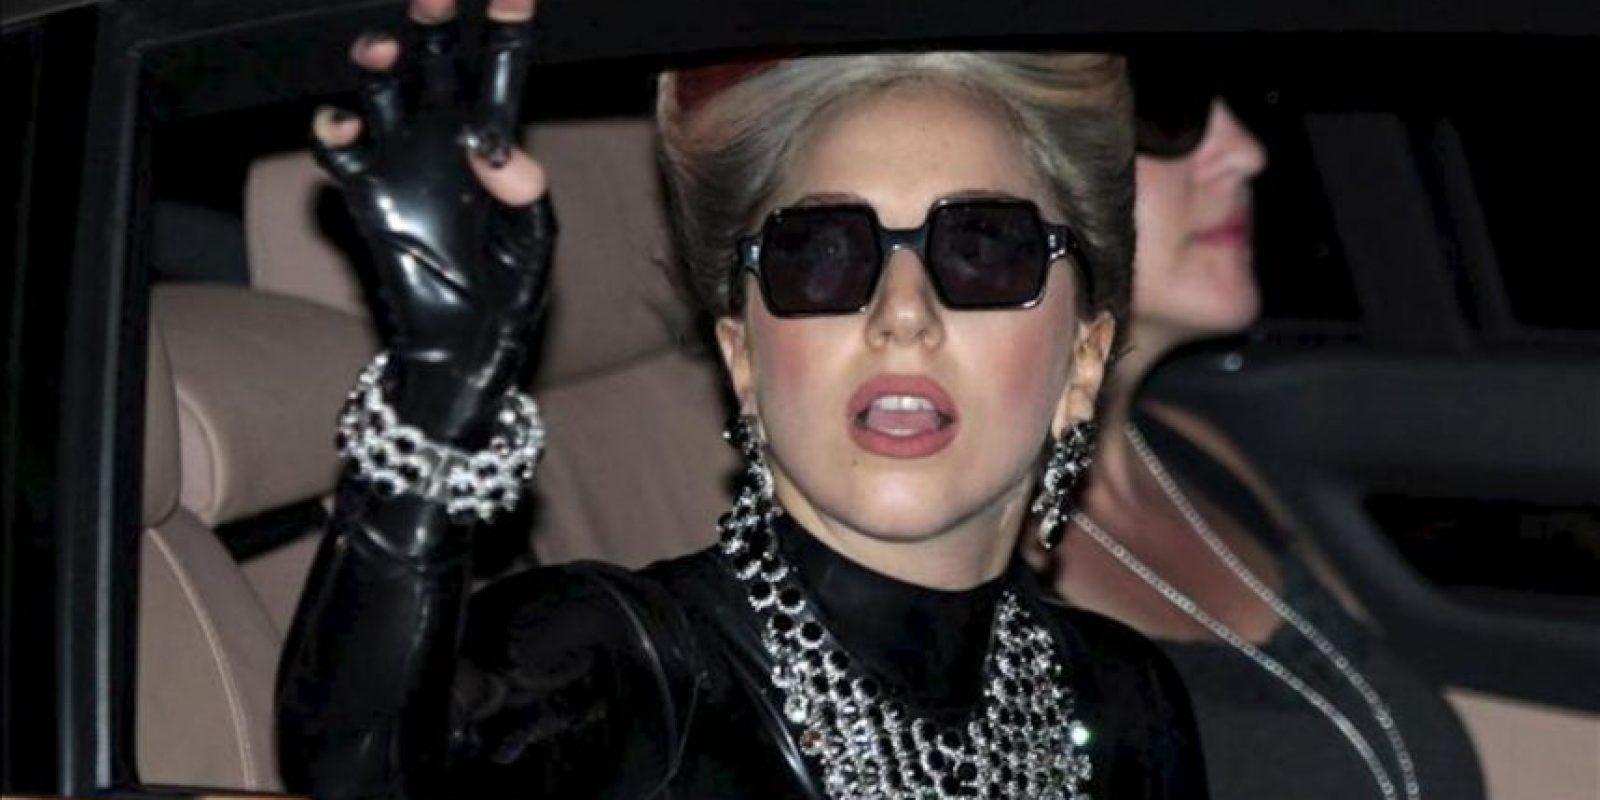 Fotografía tomada el 23 de mayo de 2012 que muestra a la cantante estadounidense Lady Gaga saludando a sus seguidores a su llegada a Bangkok, Tailandia. EFE